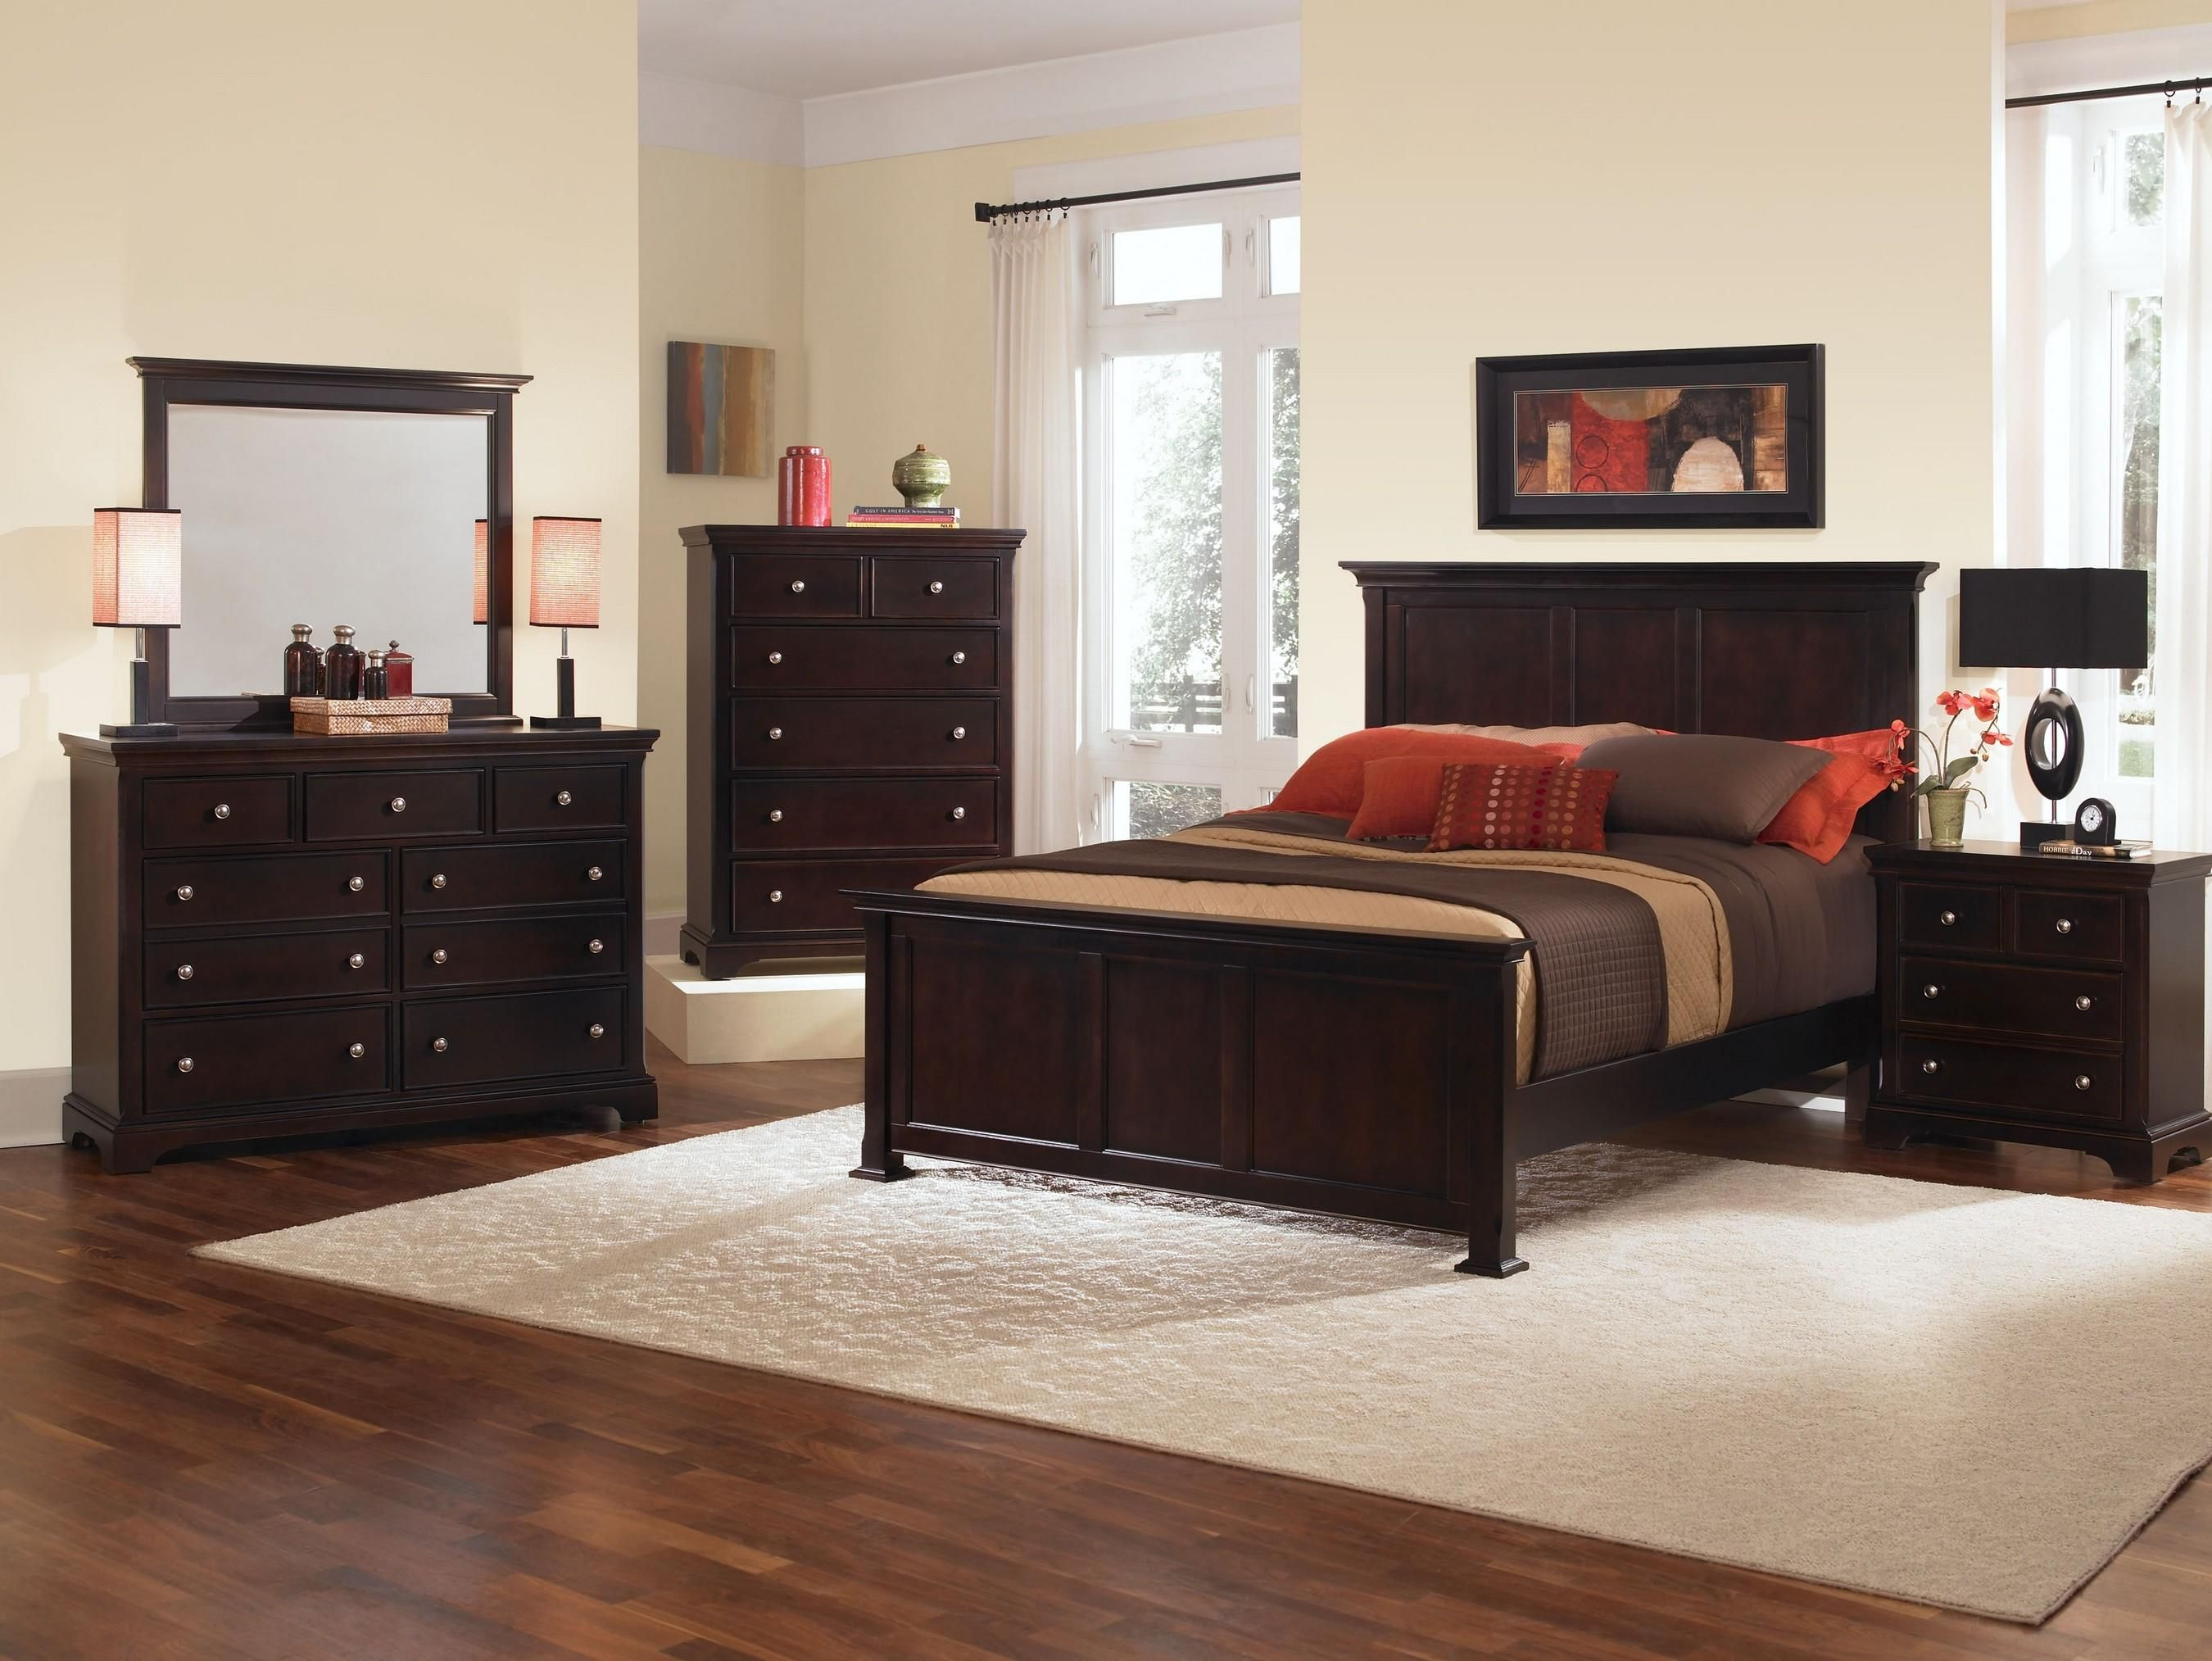 Best Forsyth California King Bedroom Group By Vaughan Bassett 400 x 300